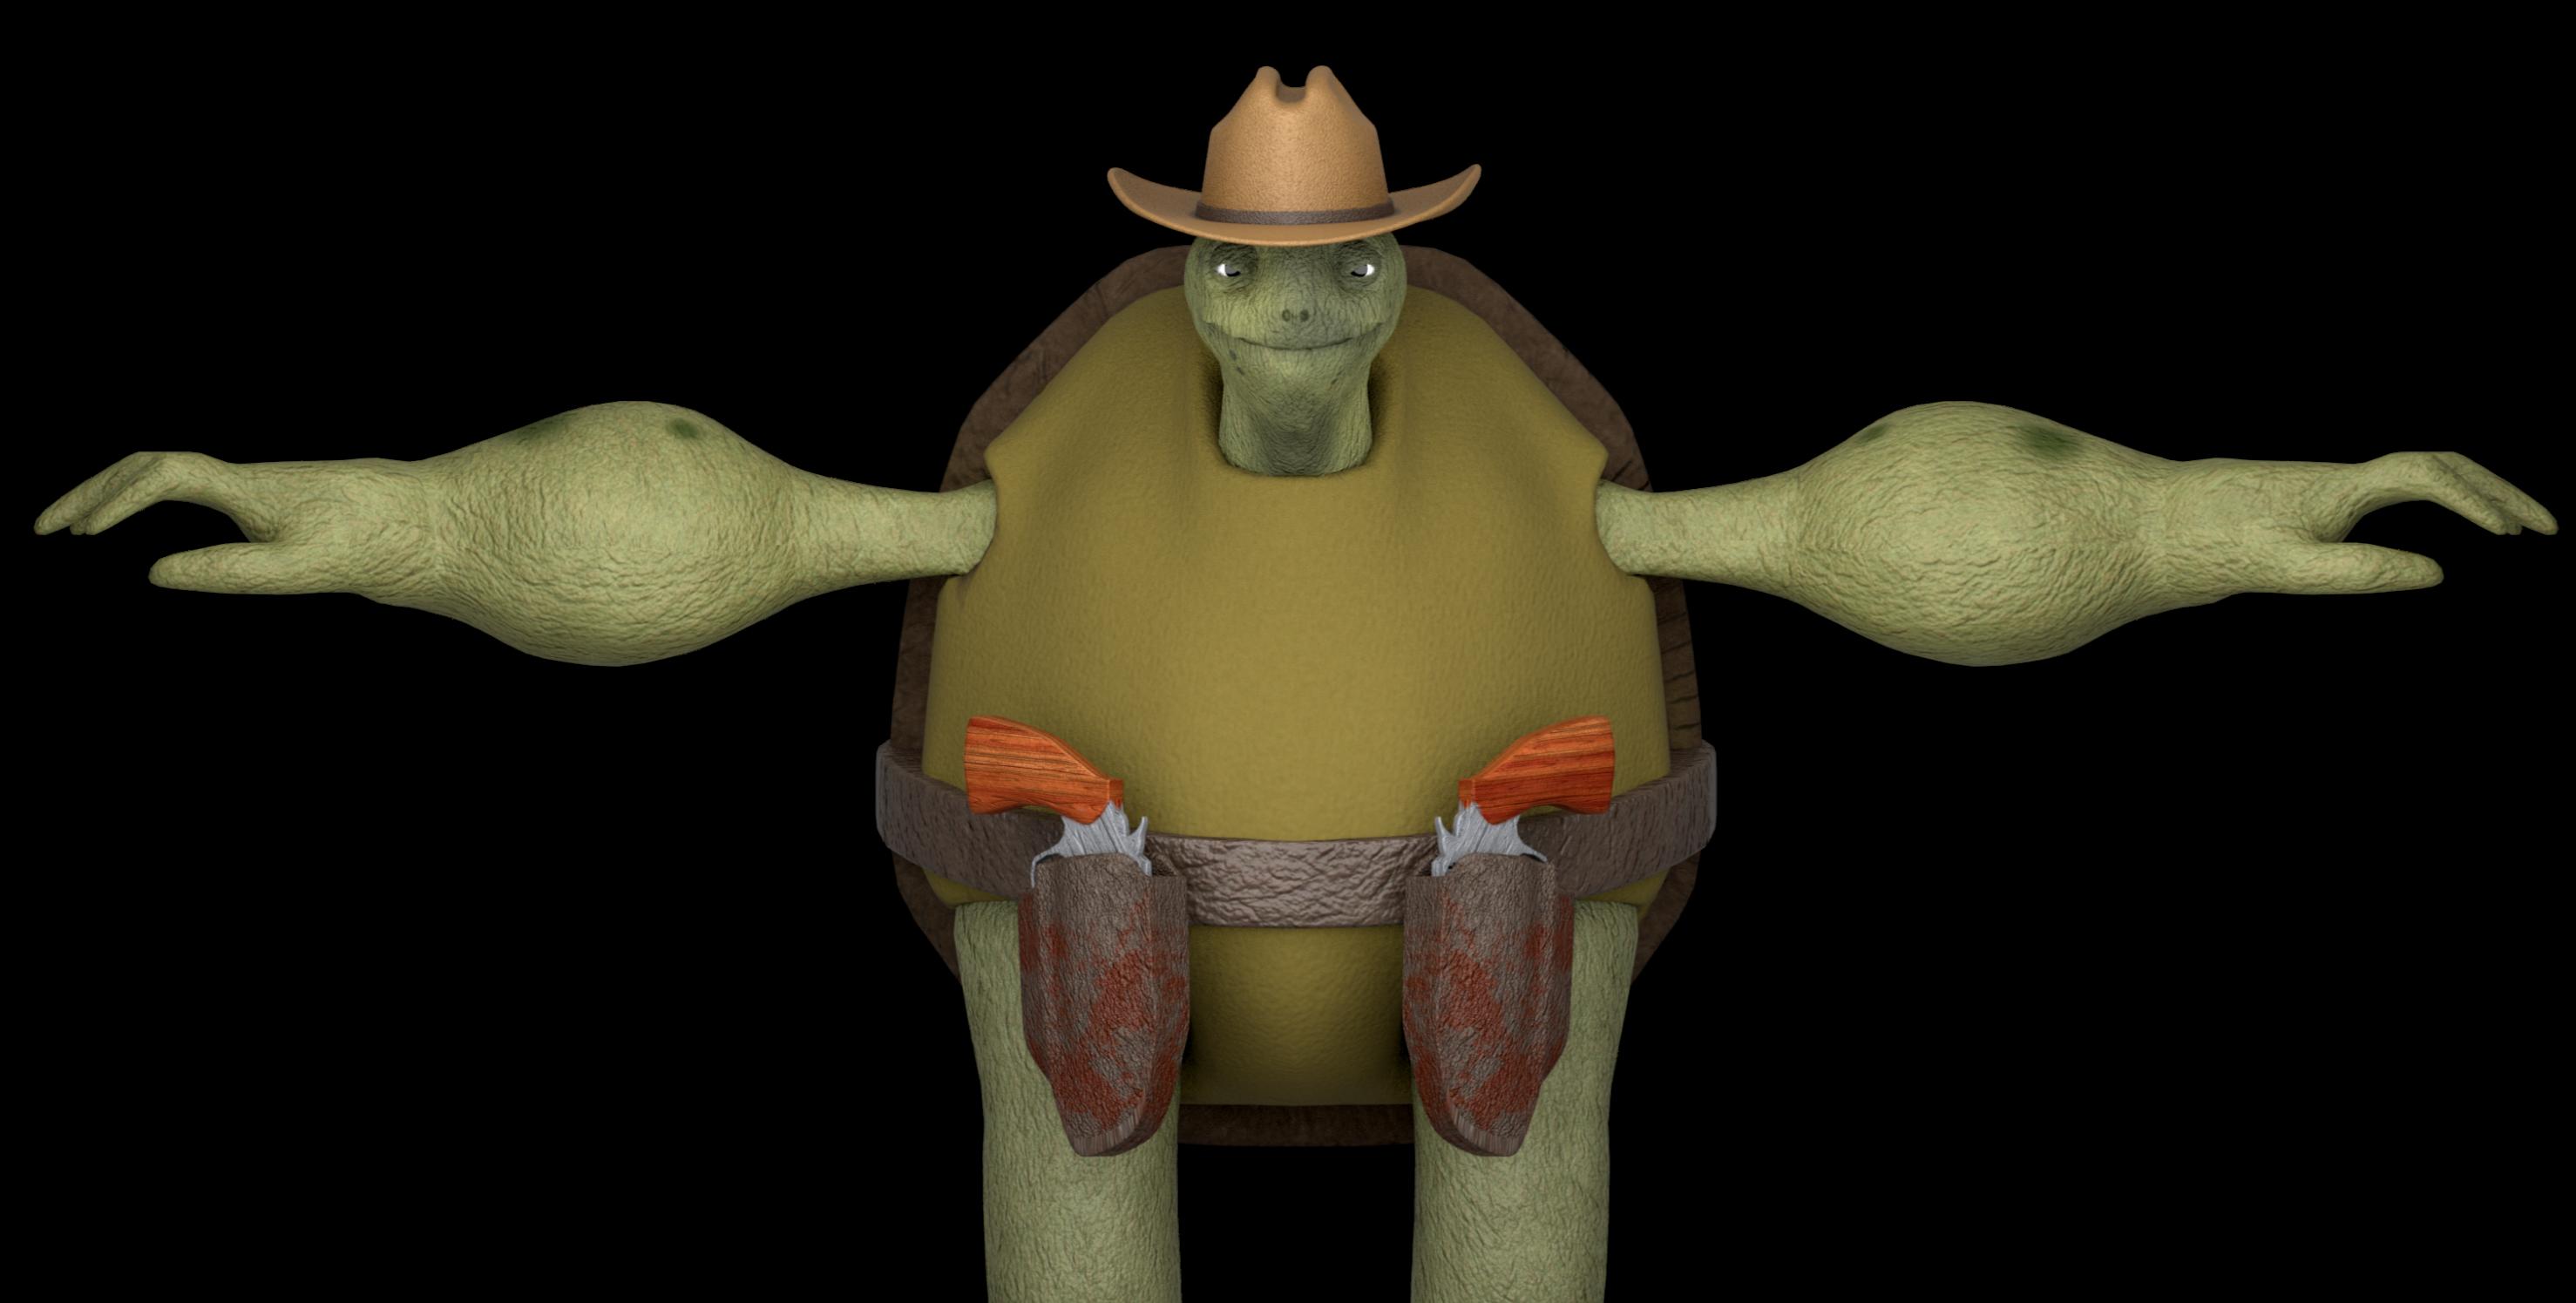 3D turtle model